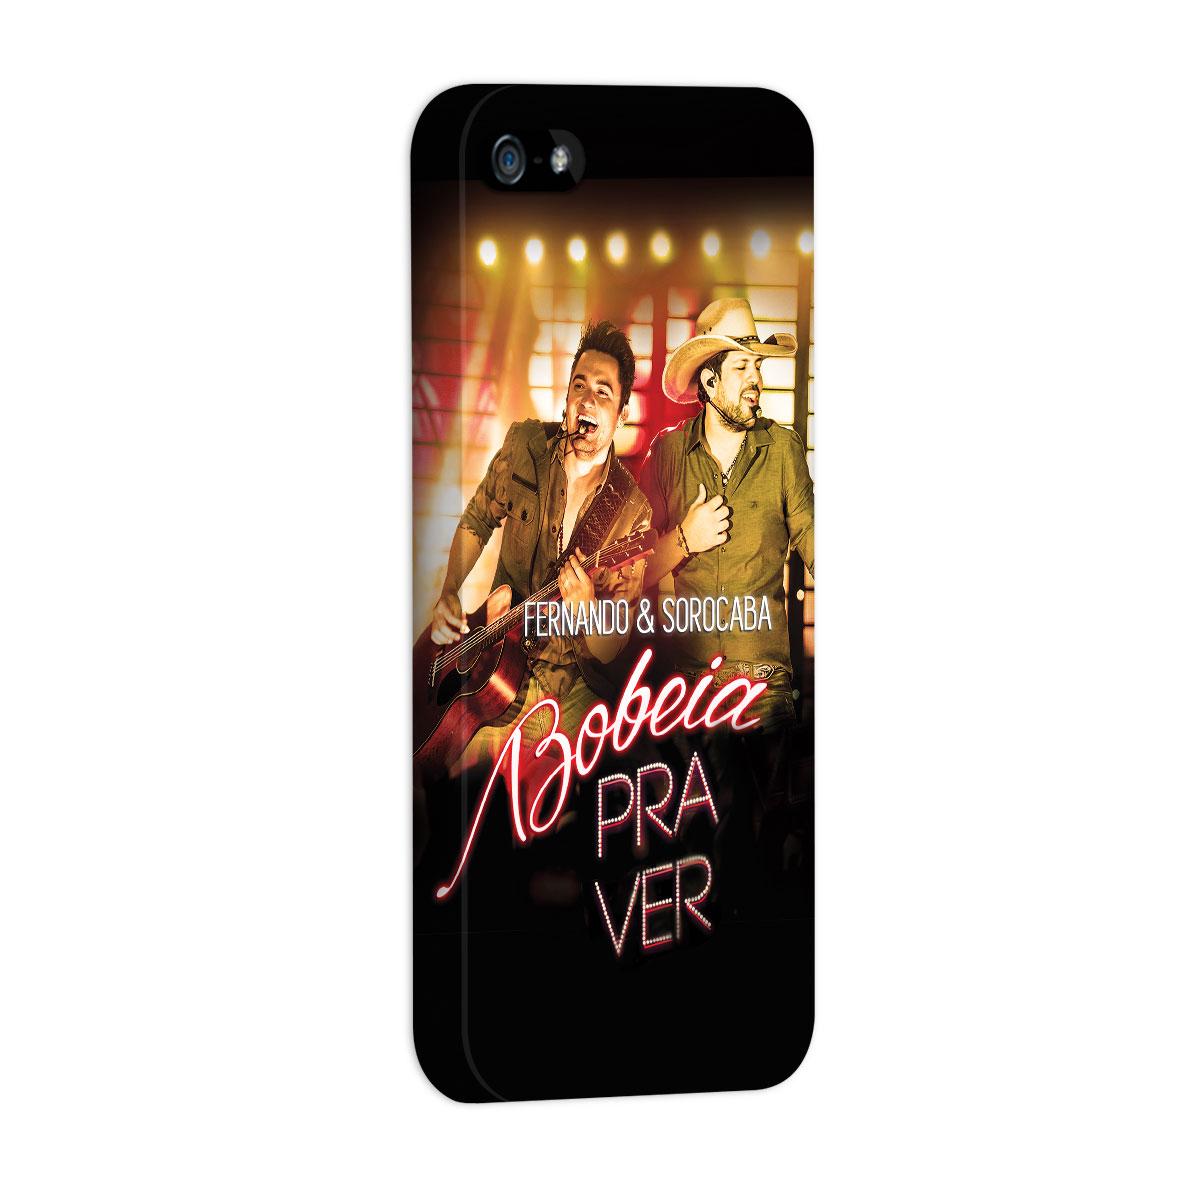 Capa para iPhone 5/5S Fernando & Sorocaba Bobeia Pra Ver